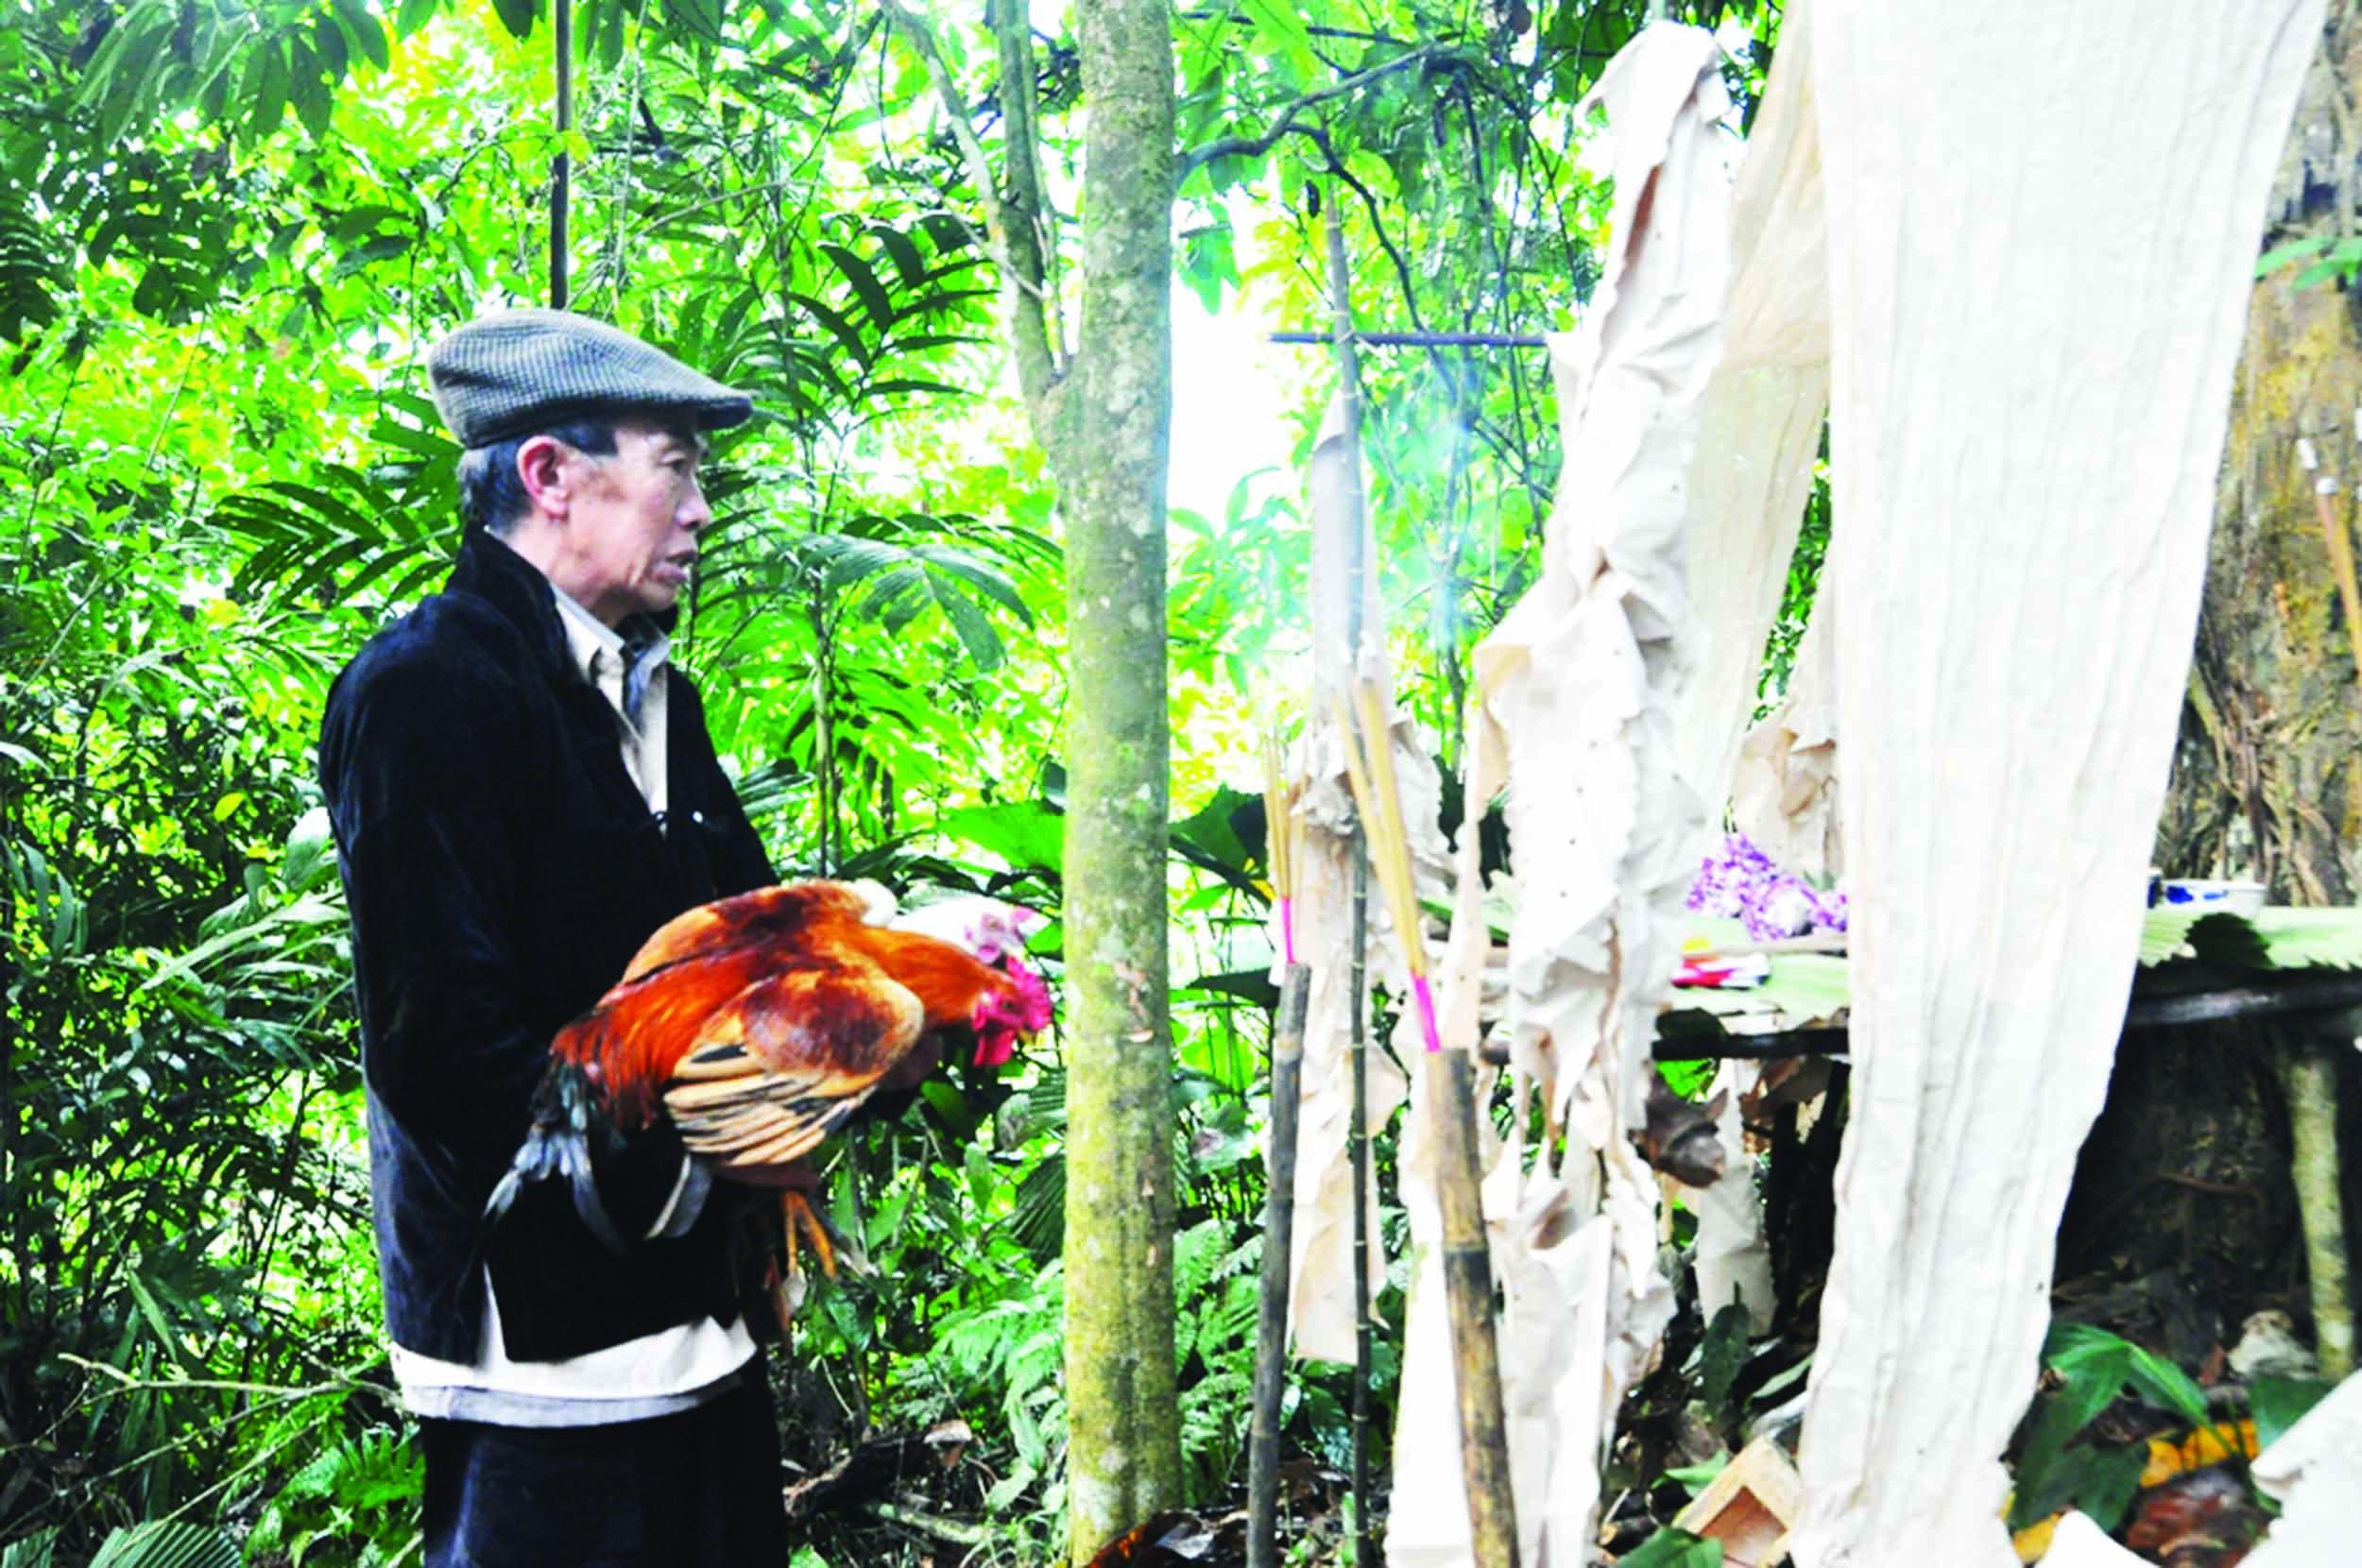 Lễ hội Tết rừng của đồng bào Mông ở Nà Hẩu góp phần bảo vệ và phát triển rừng nơi đây. (Trong ảnh: Đồng bào Mông thực hiện nghi lễ cúng thần rừng.)